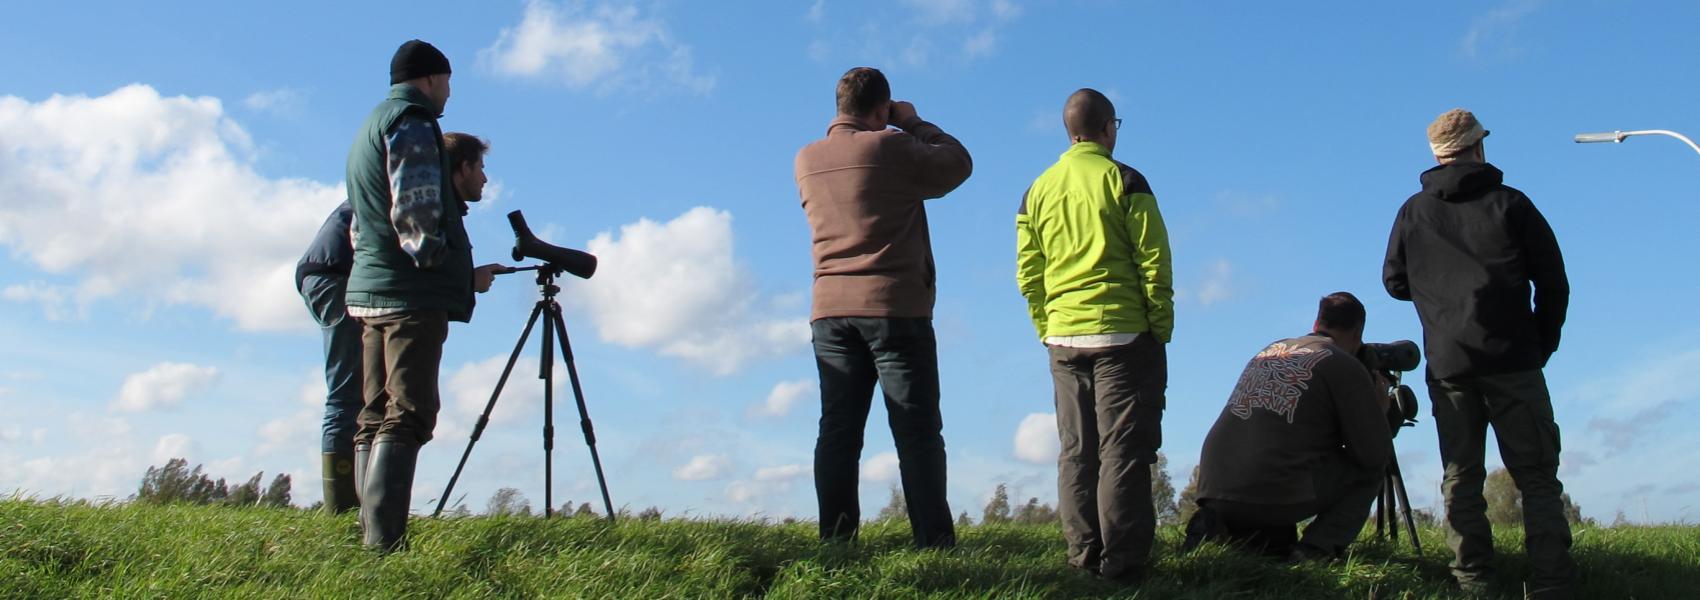 groep mannen die het landschap bestuderen met verrekijkers